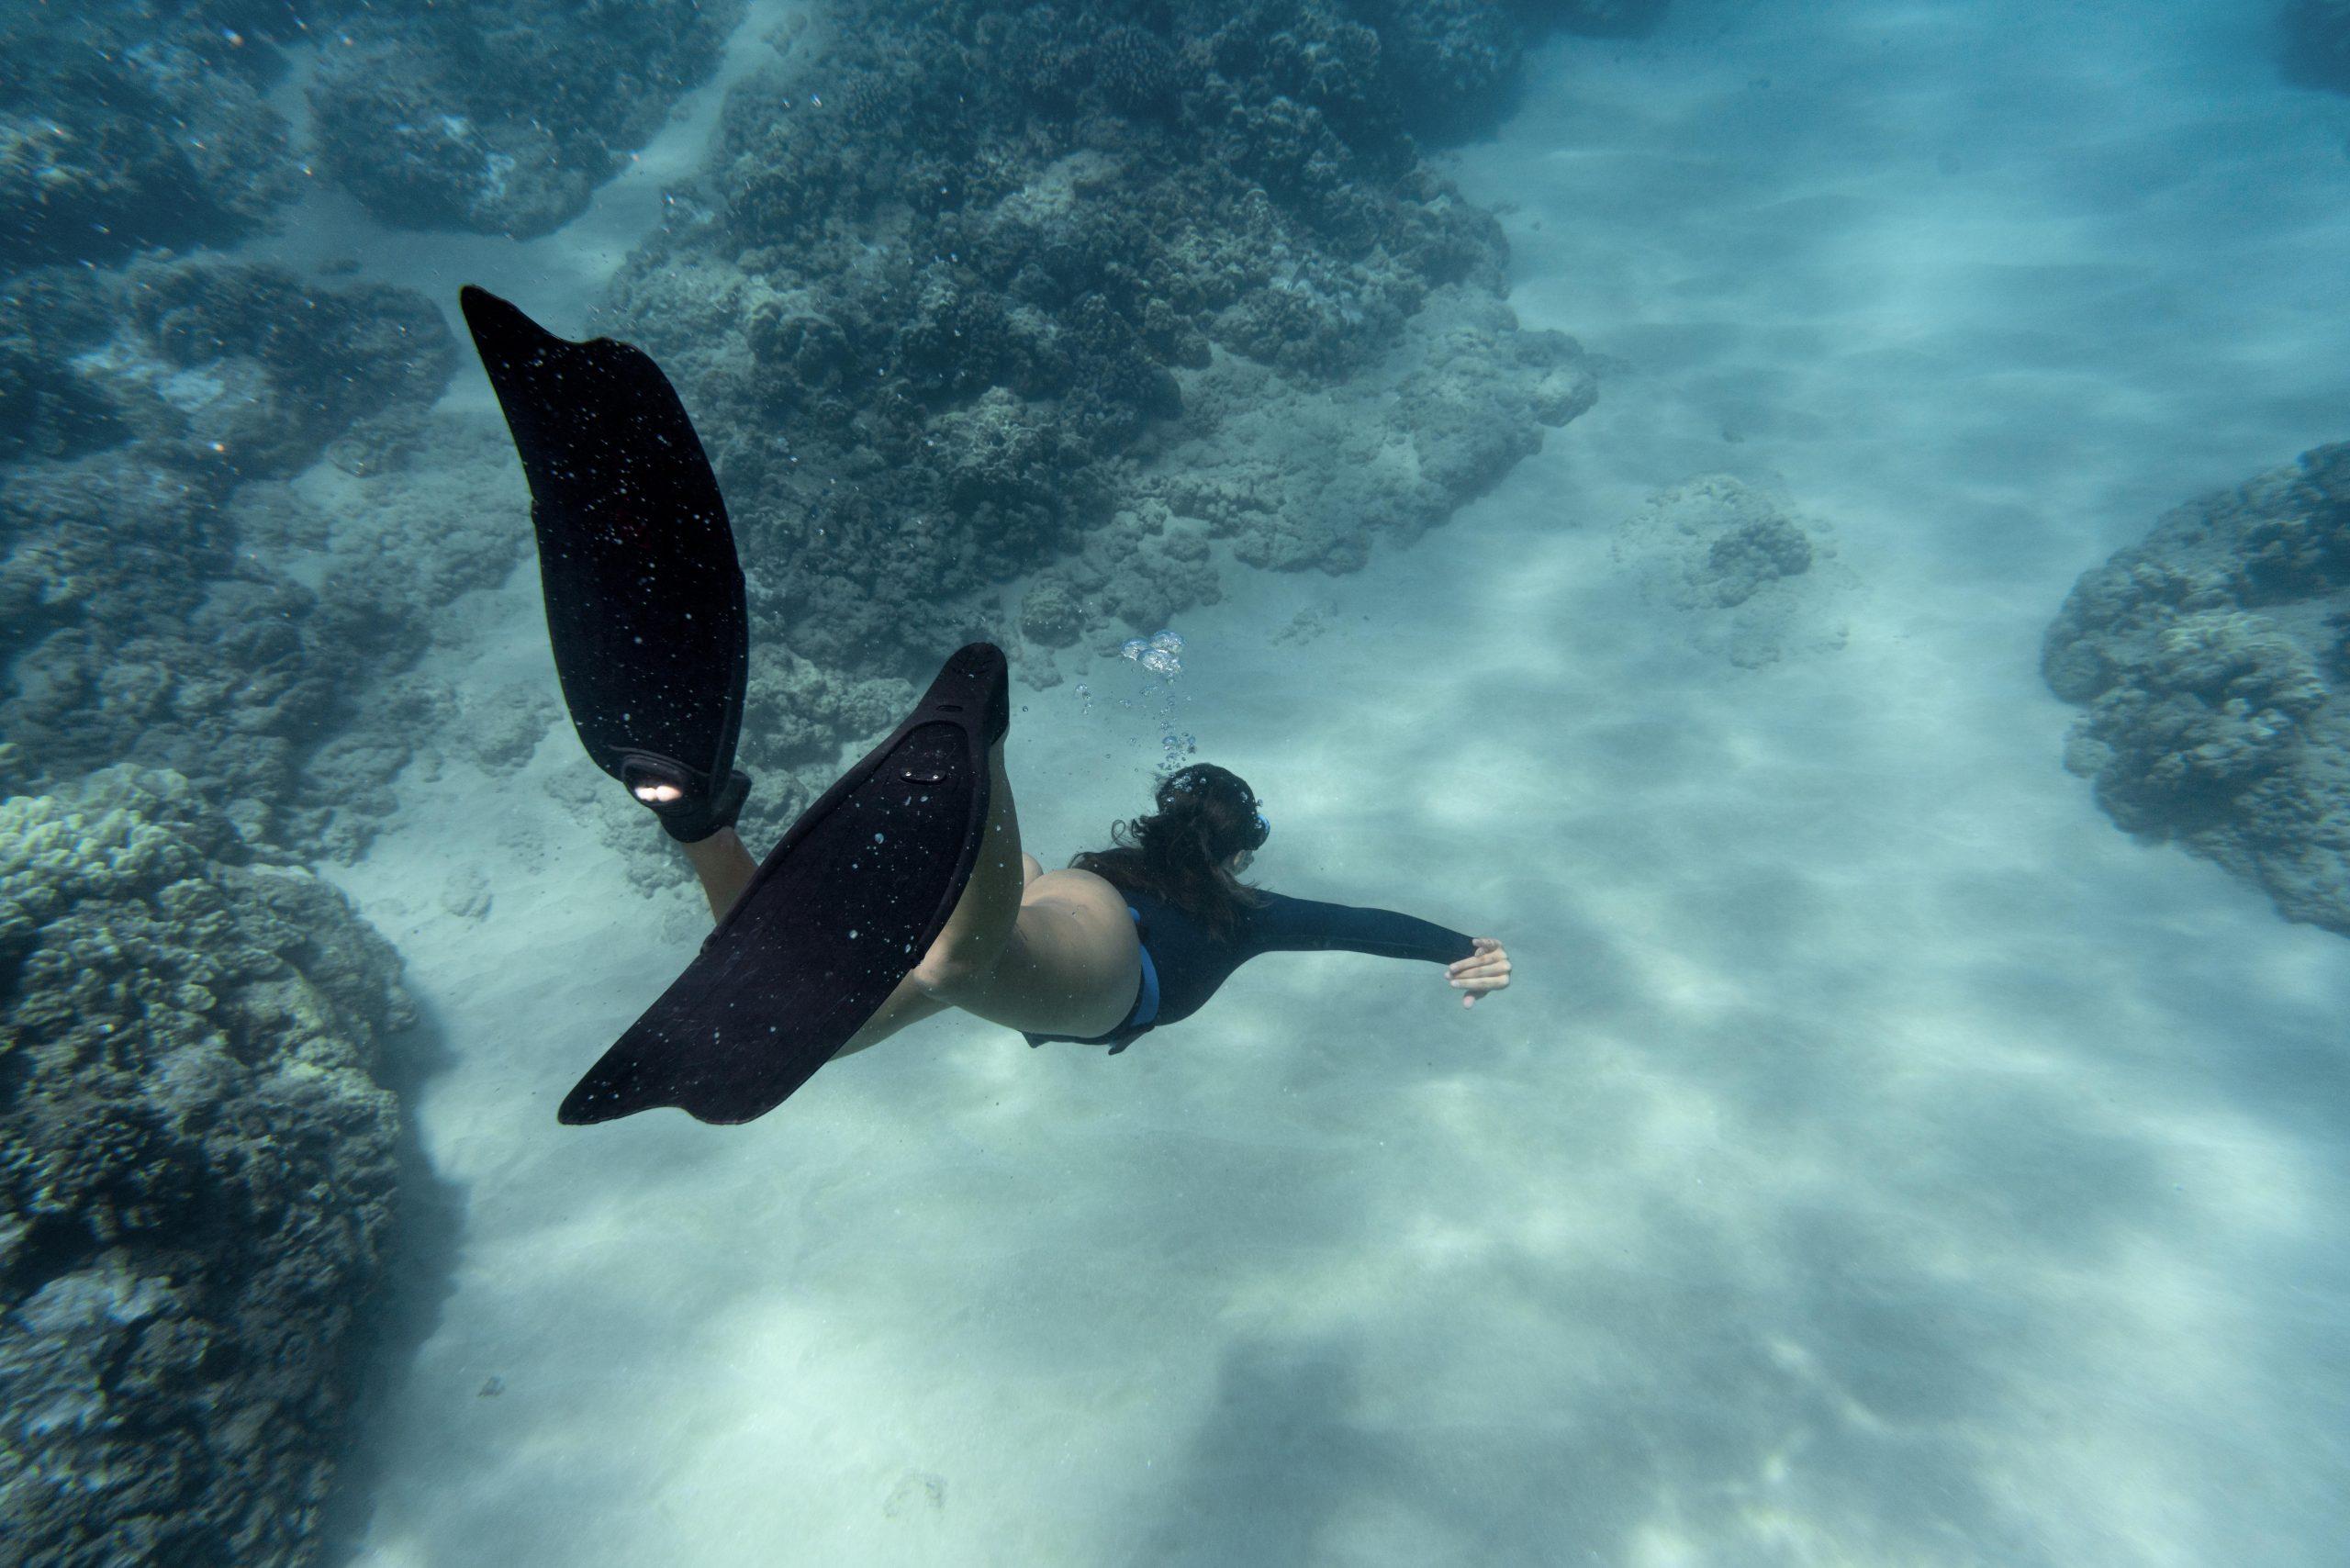 Mulher com roupa de mergulho e pés de pato nadando no oceano